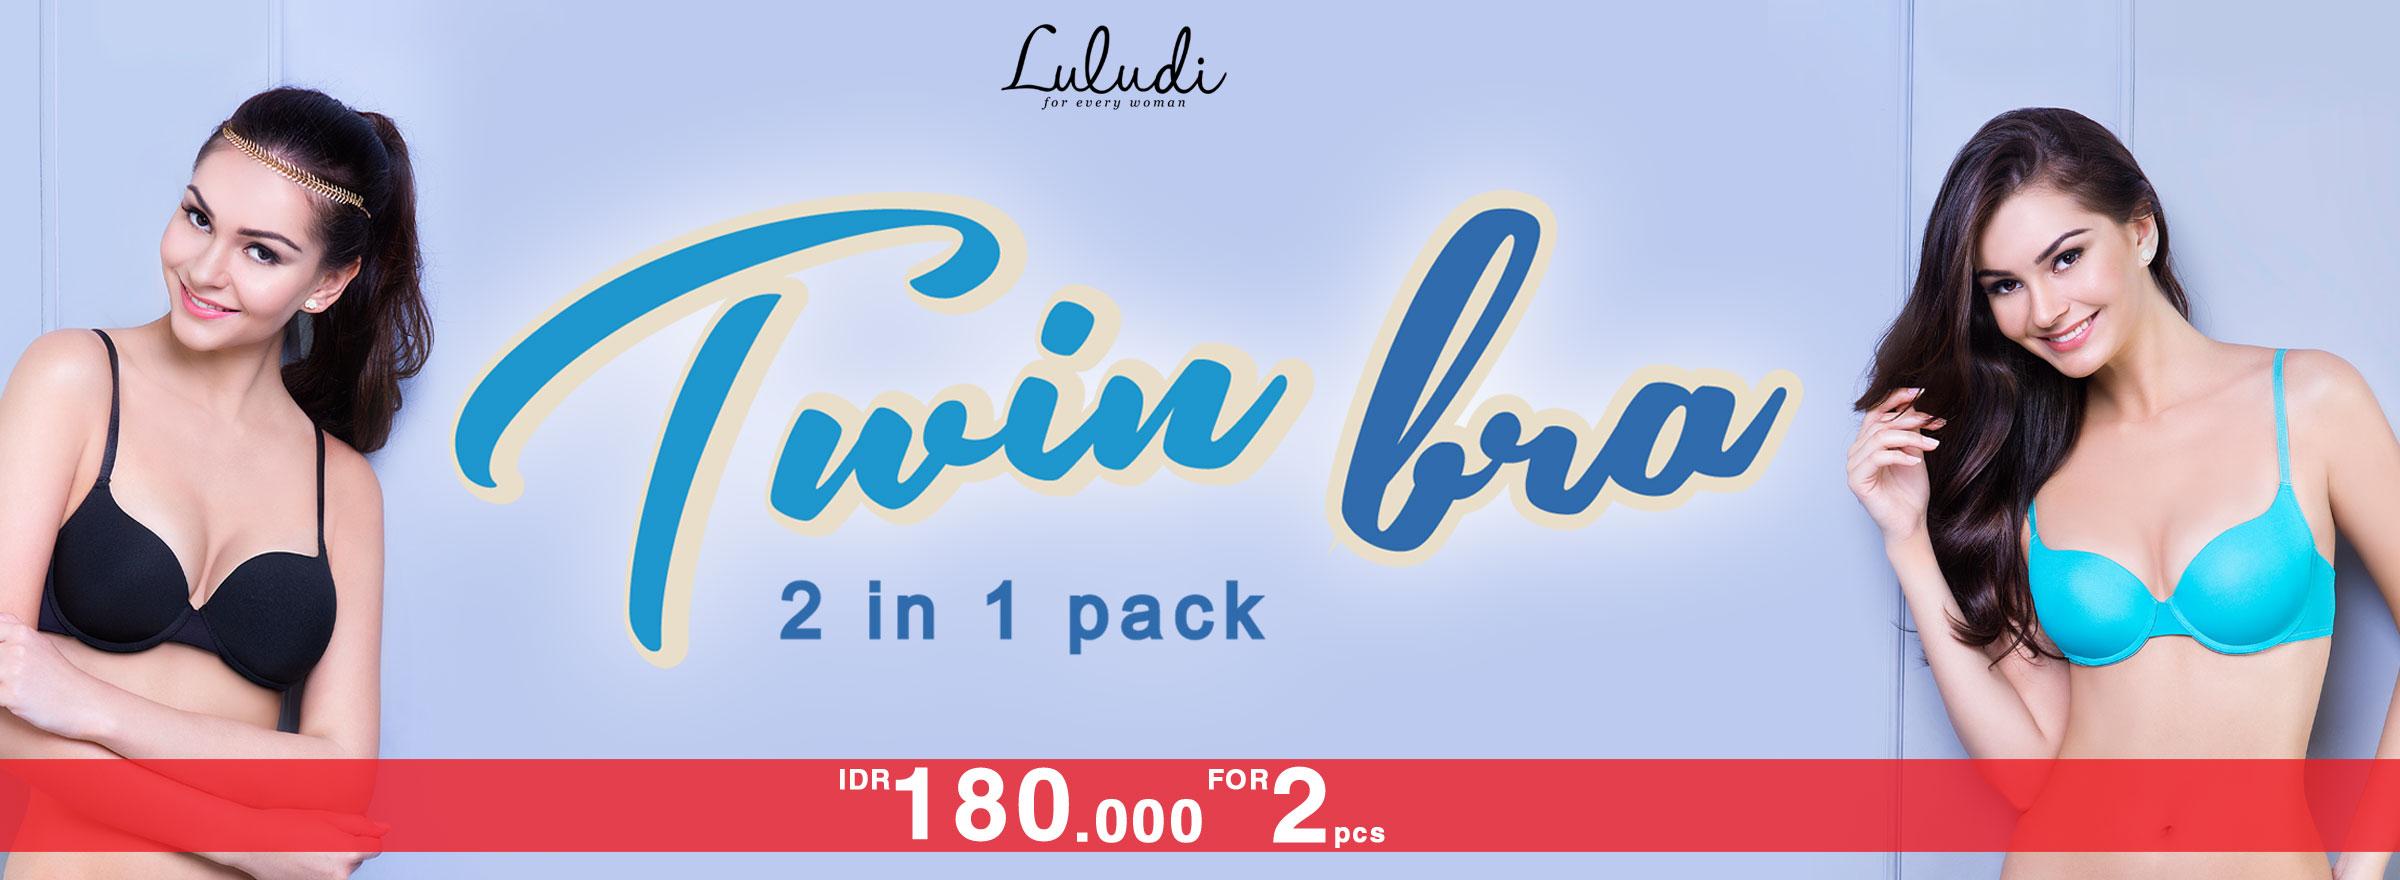 Luludi Twin Bra